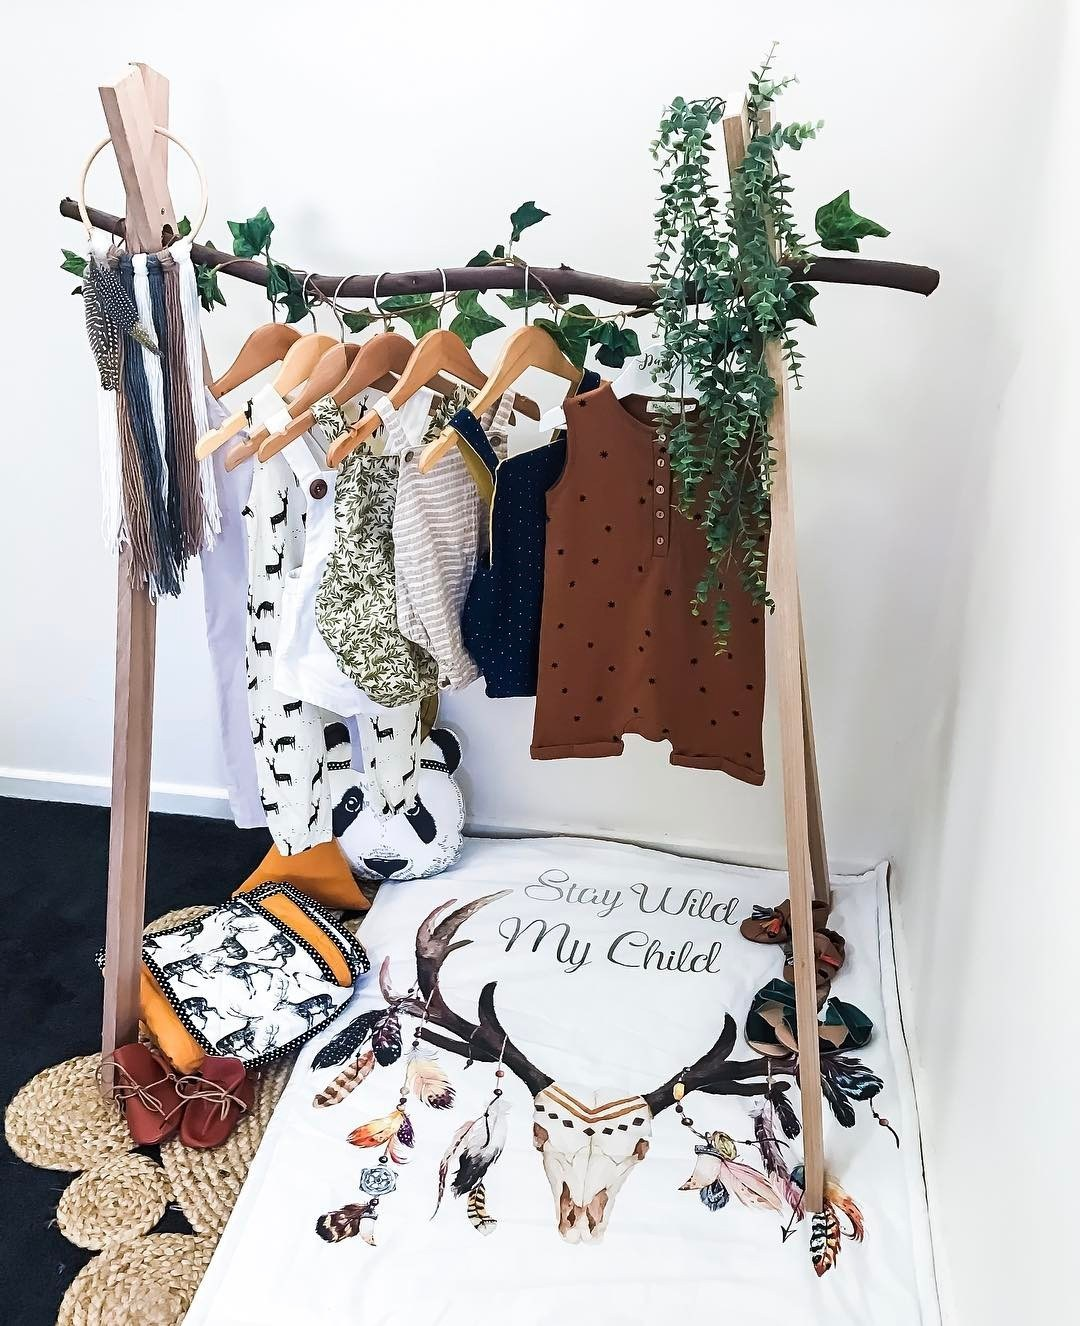 Ý tưởng trang trí phòng bé siêu dễ thương với chất liệu thân thiện môi trường - Ảnh 11.